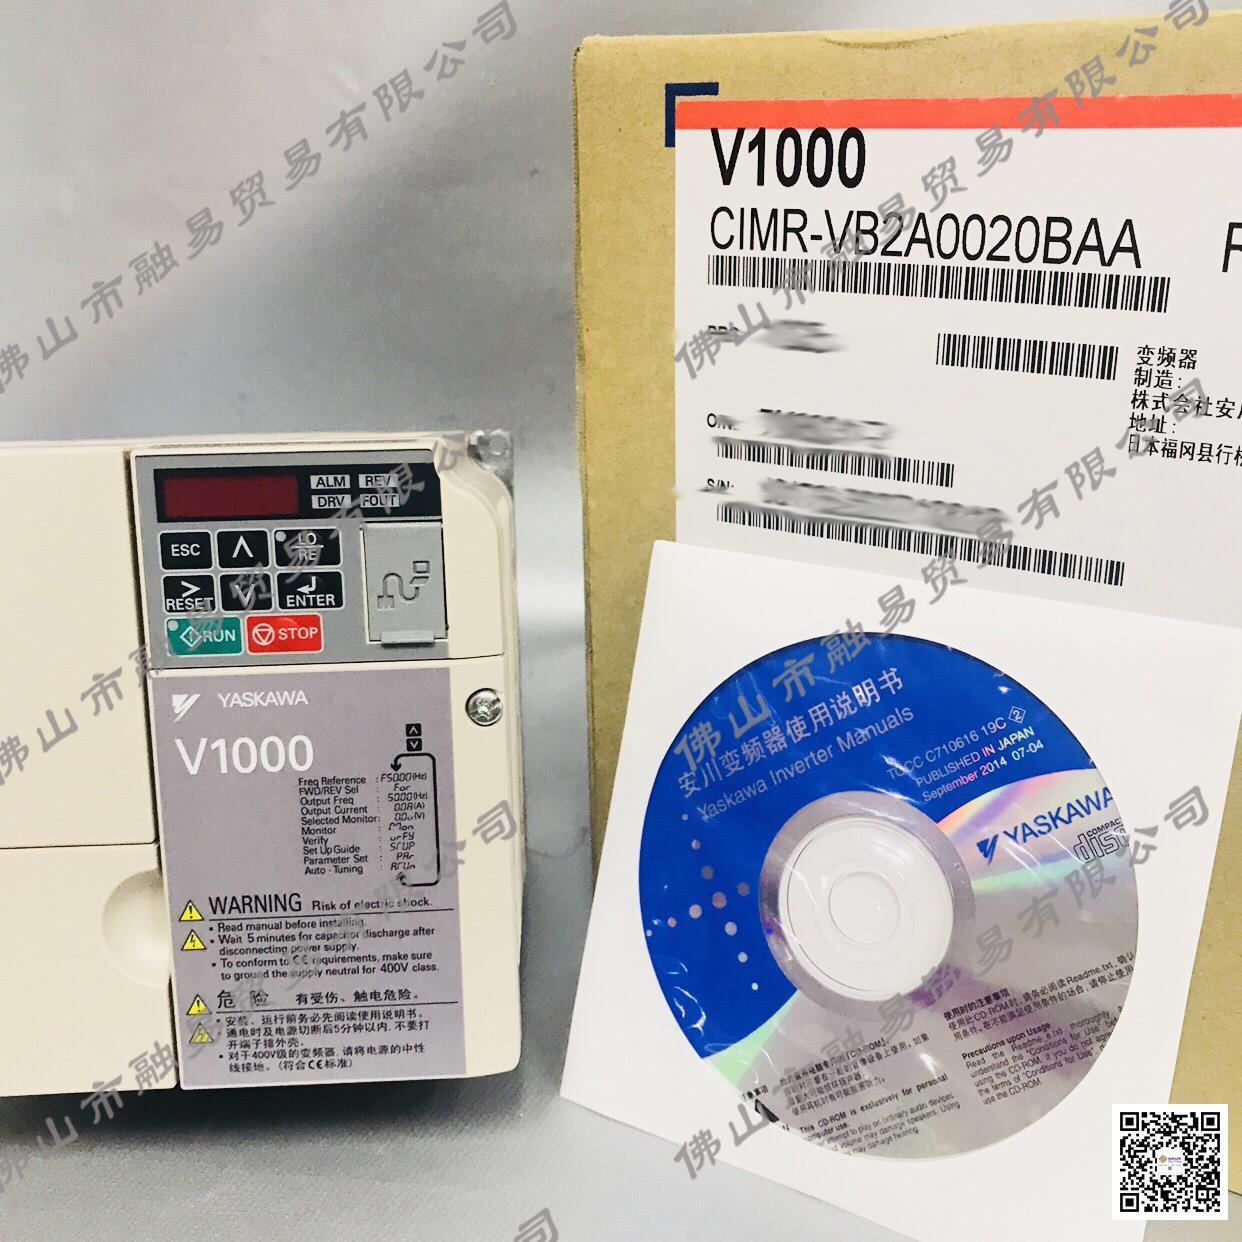 出售安川YASKAWA变频器 CIMR-VB2A0020BAA,三相220v,3.7kw